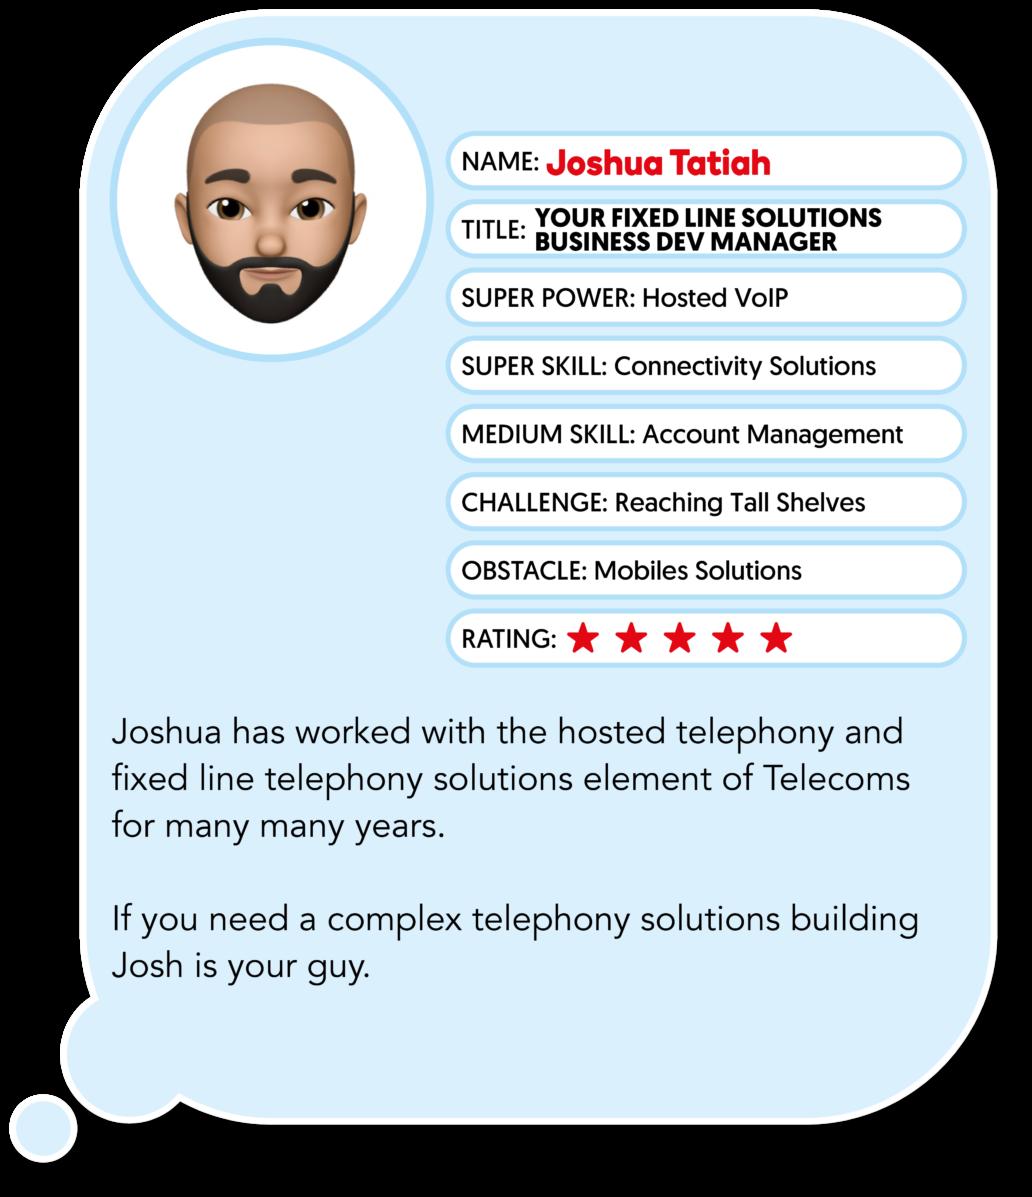 Joshua Tatiah